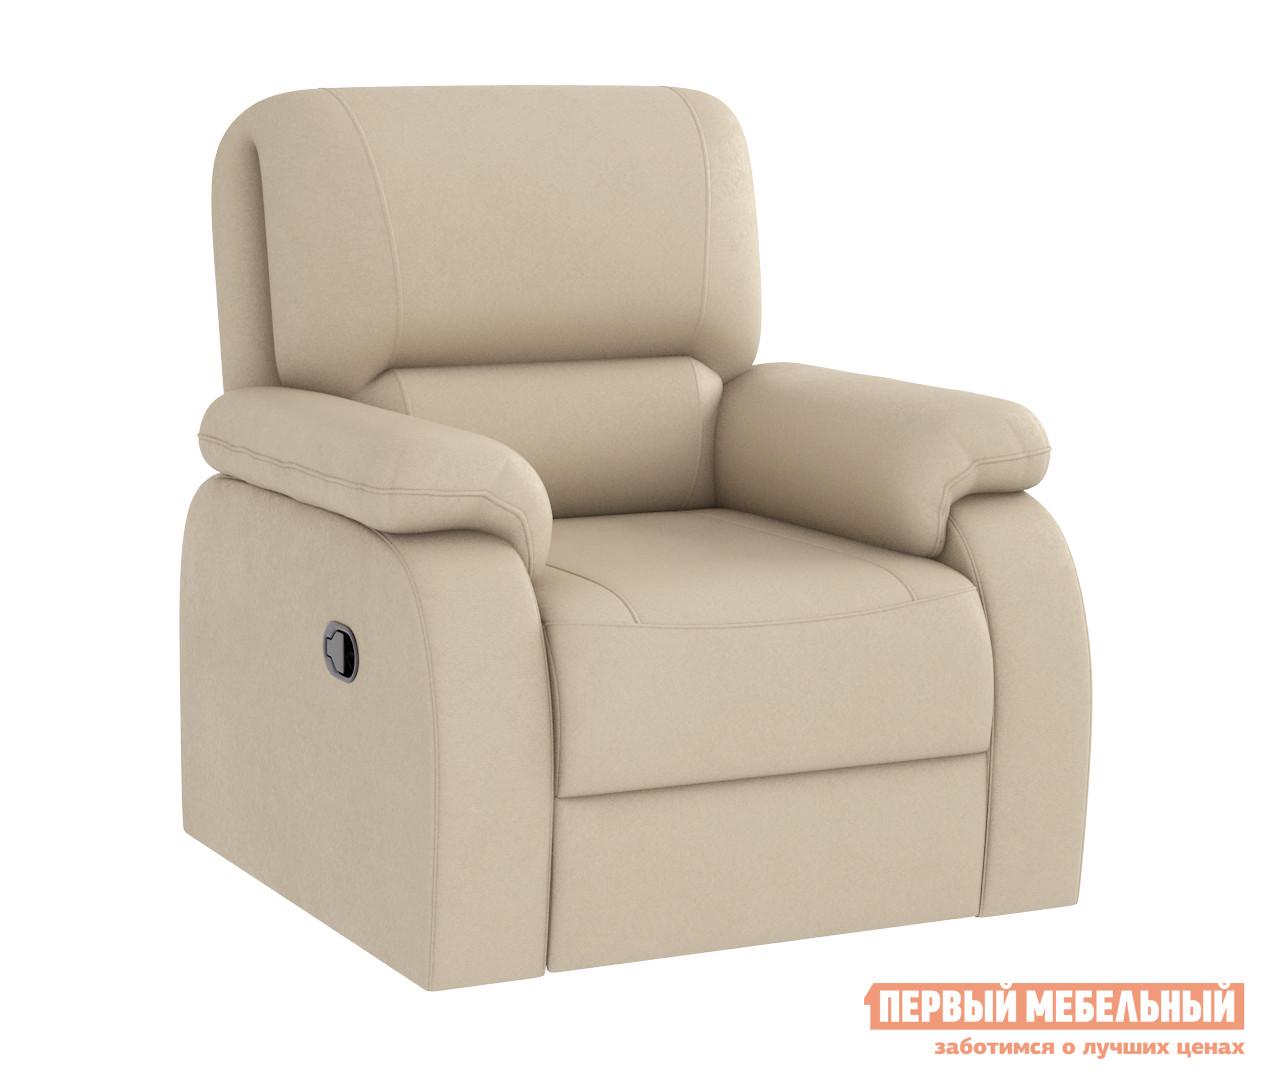 все цены на Кресло-реклайнер Первый Мебельный Доменика онлайн